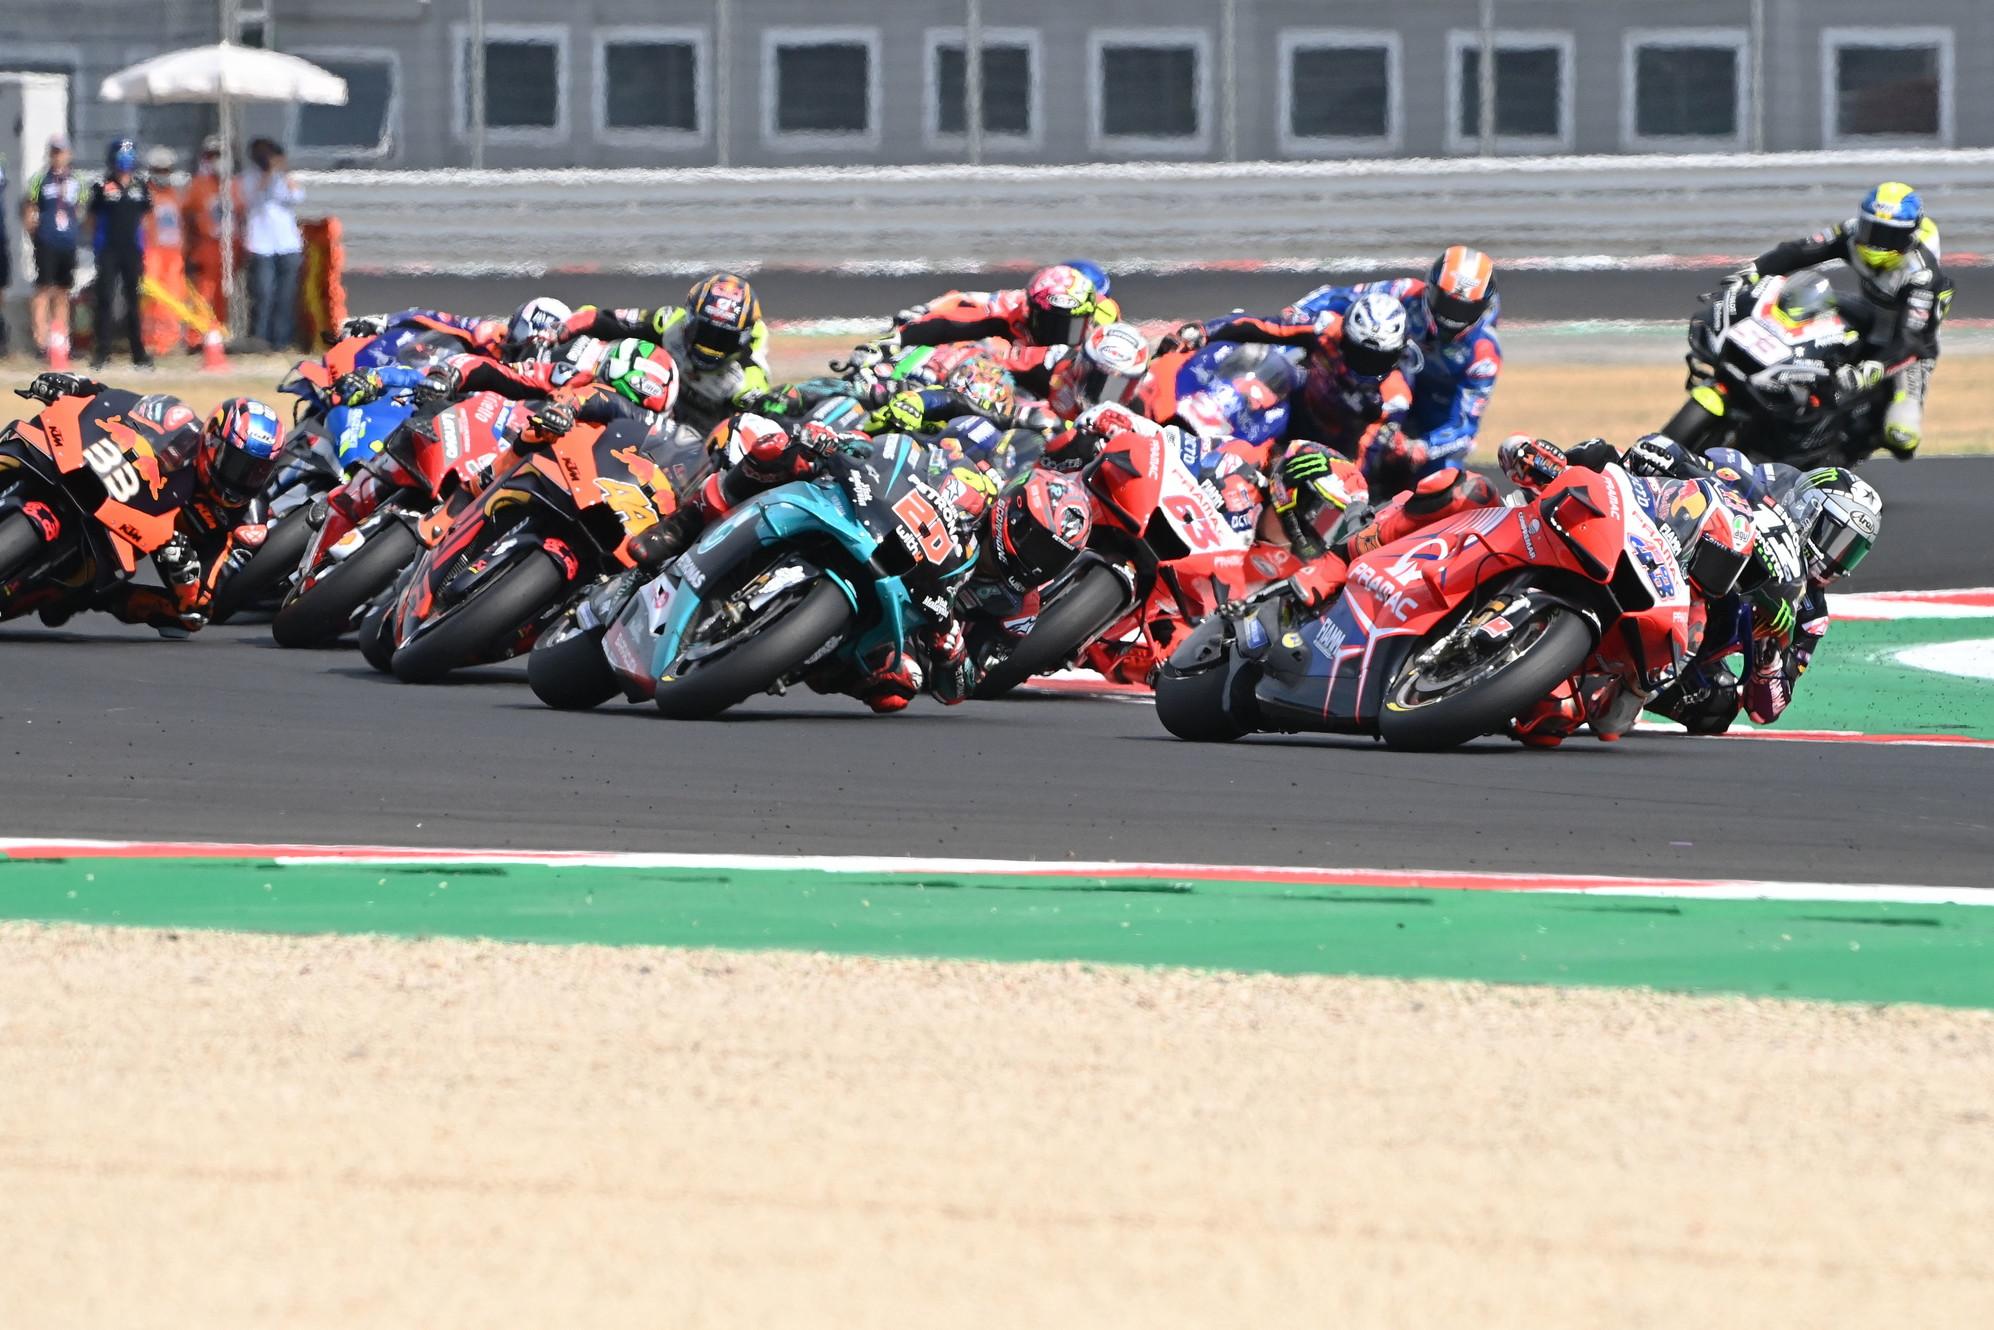 Poteva essere il primo successo in MotoGP per Bagnaia, ma lo scivolone a 7 dal termine ha regalato il successo a Vinales nel GP dell&#39;Emilia Romagna<br /><br />